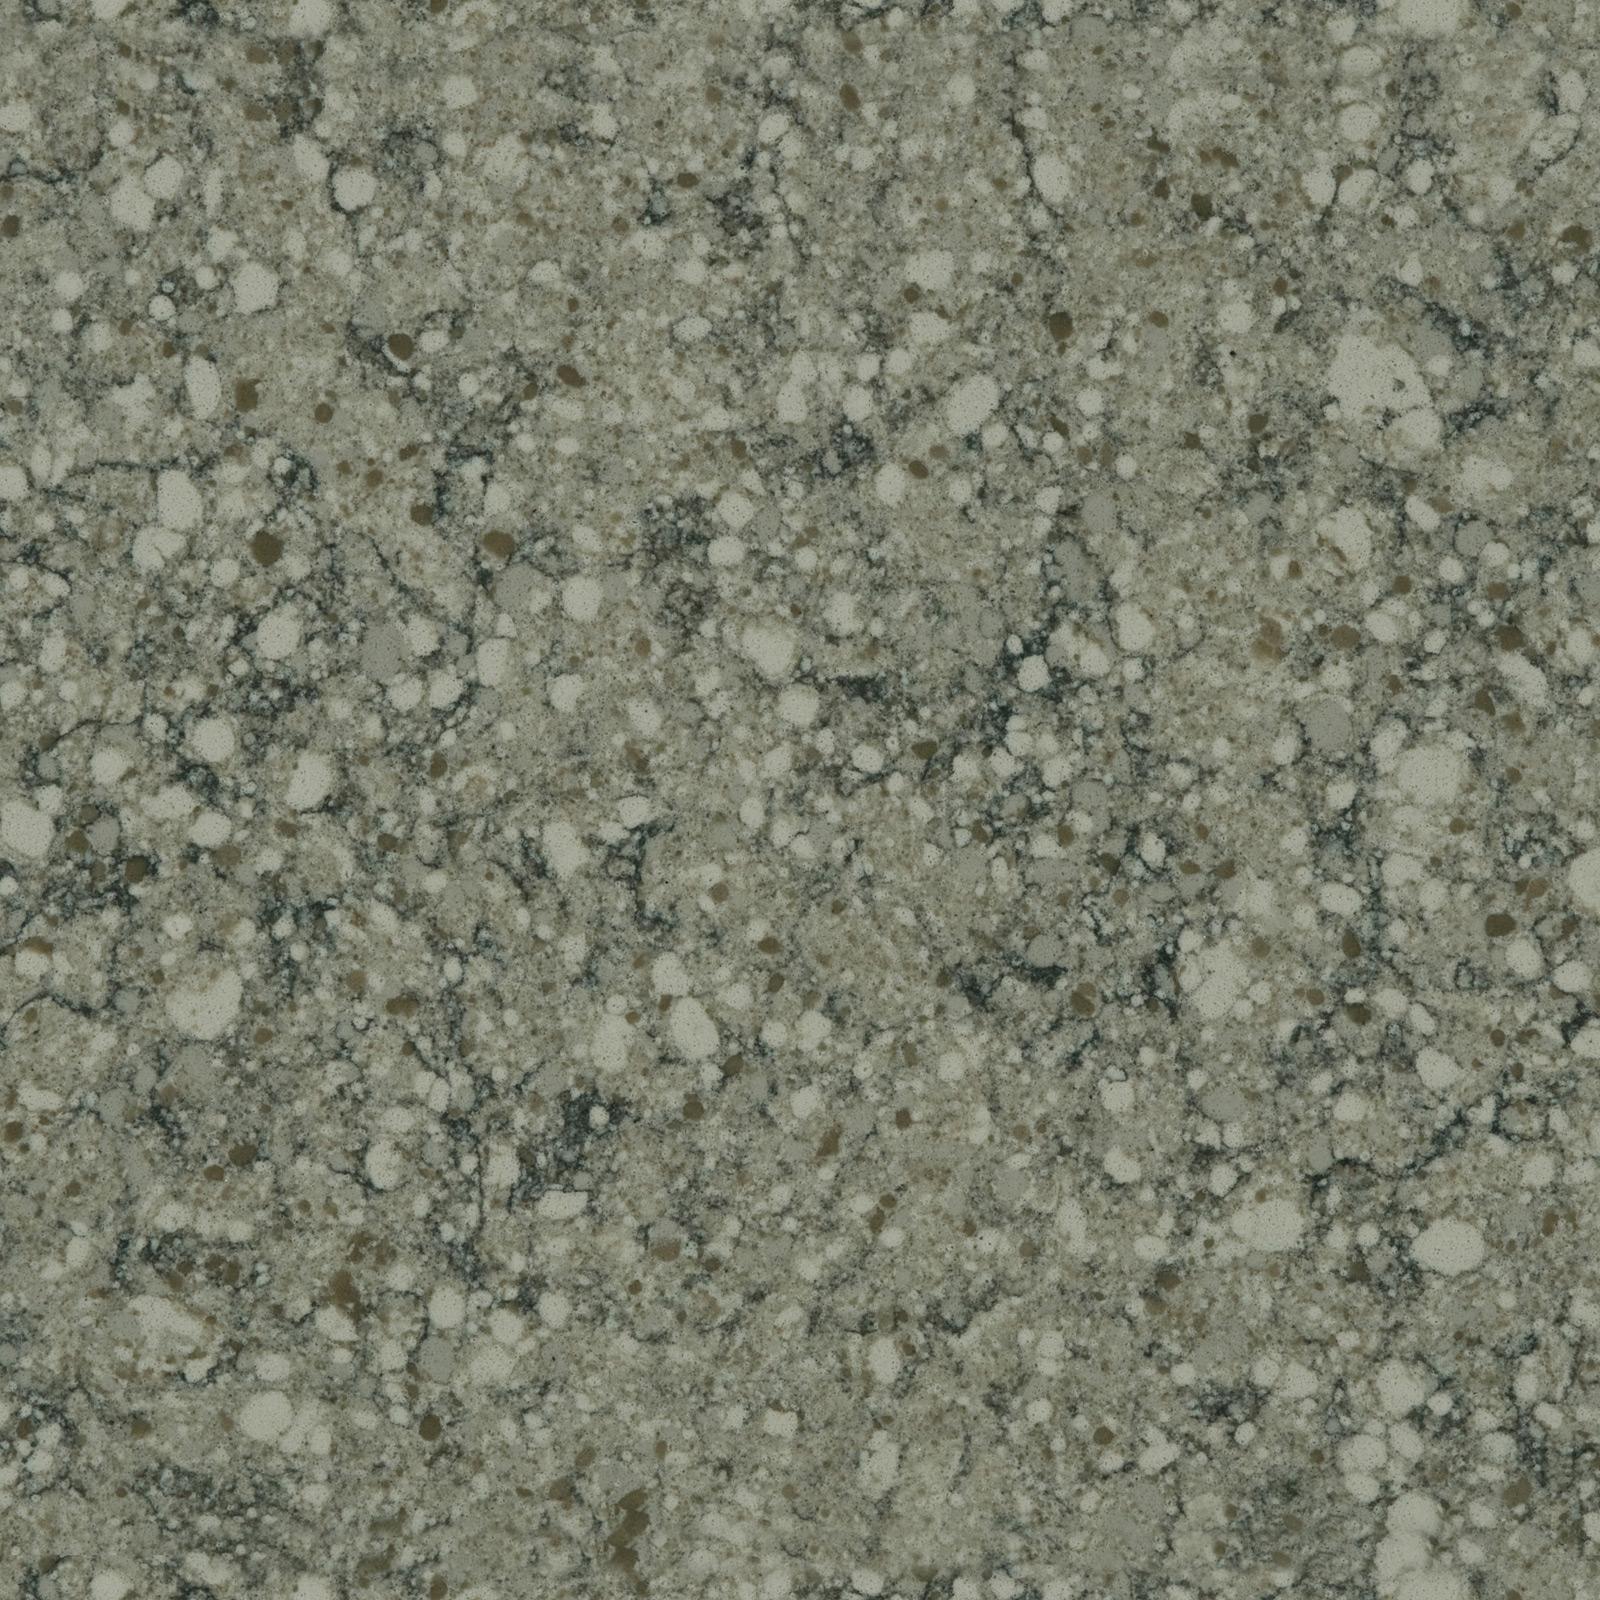 Hanstone Quartz Countertops